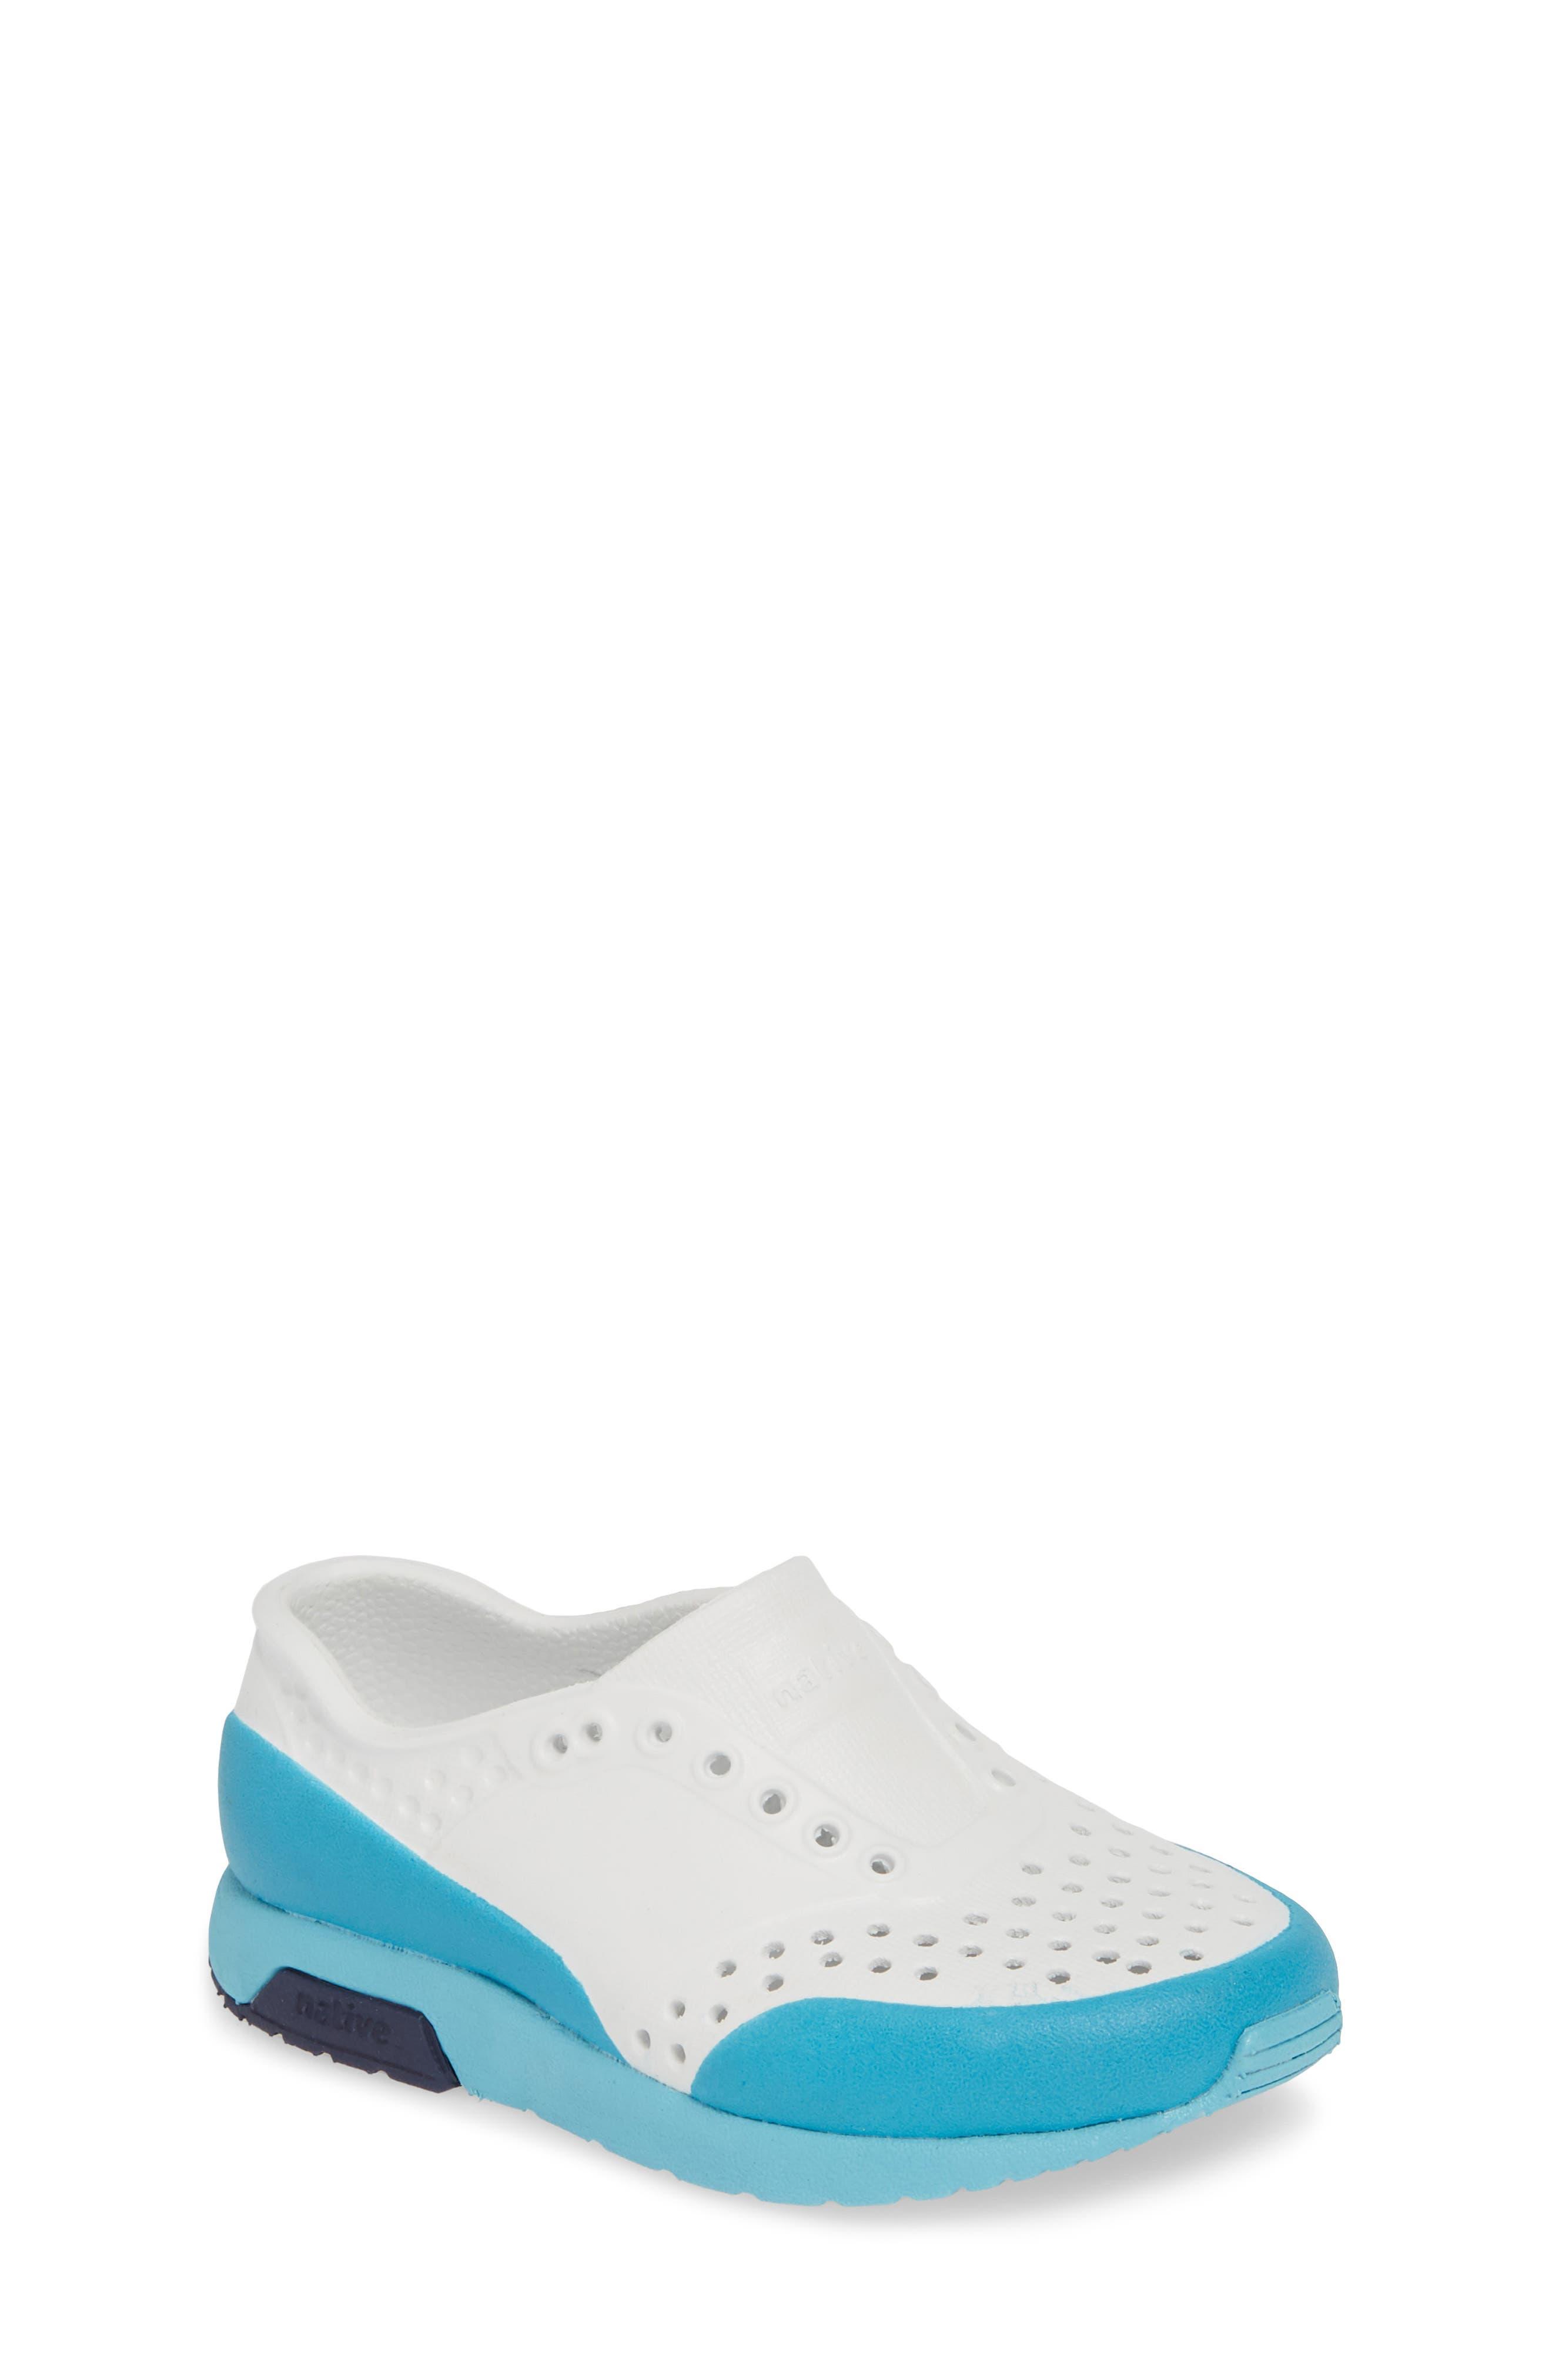 NATIVE SHOES, Lennox Block Slip-On Sneaker, Main thumbnail 1, color, 438